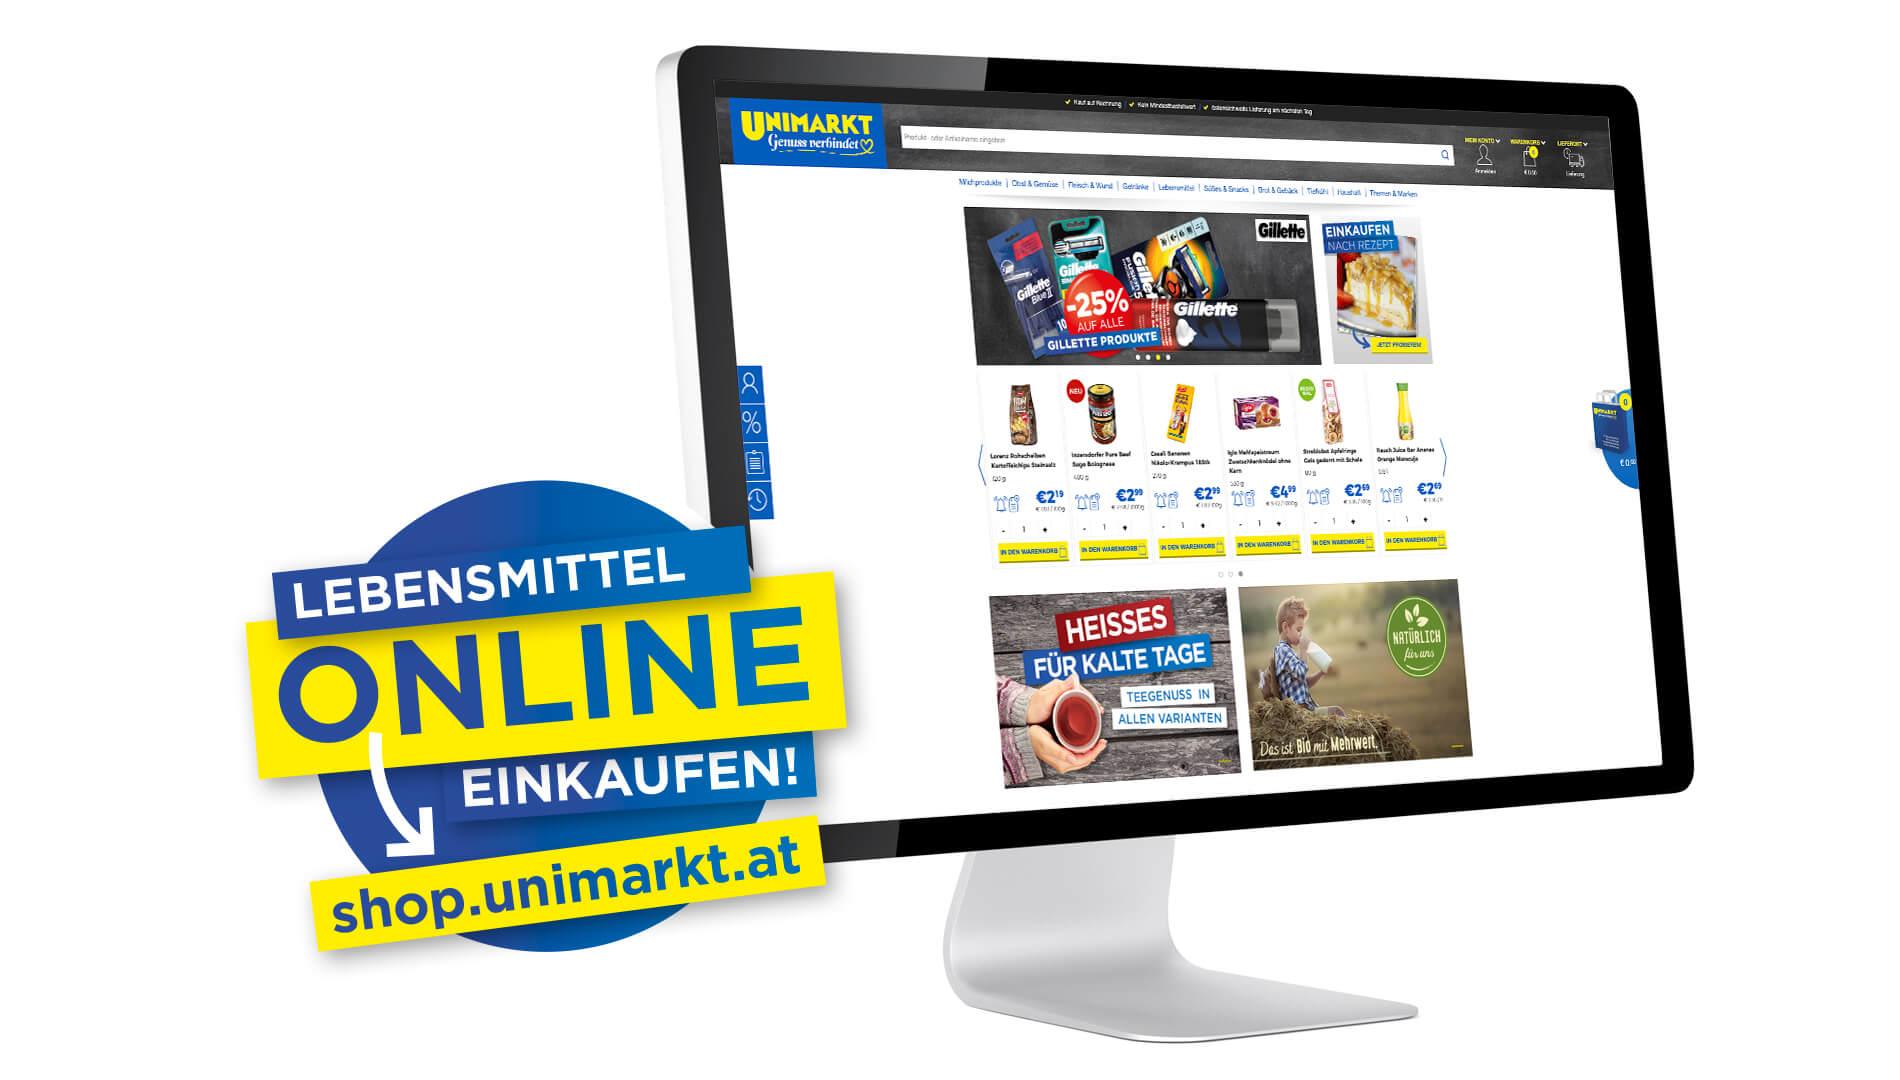 Unimarkt_bild_quer_onlineshop